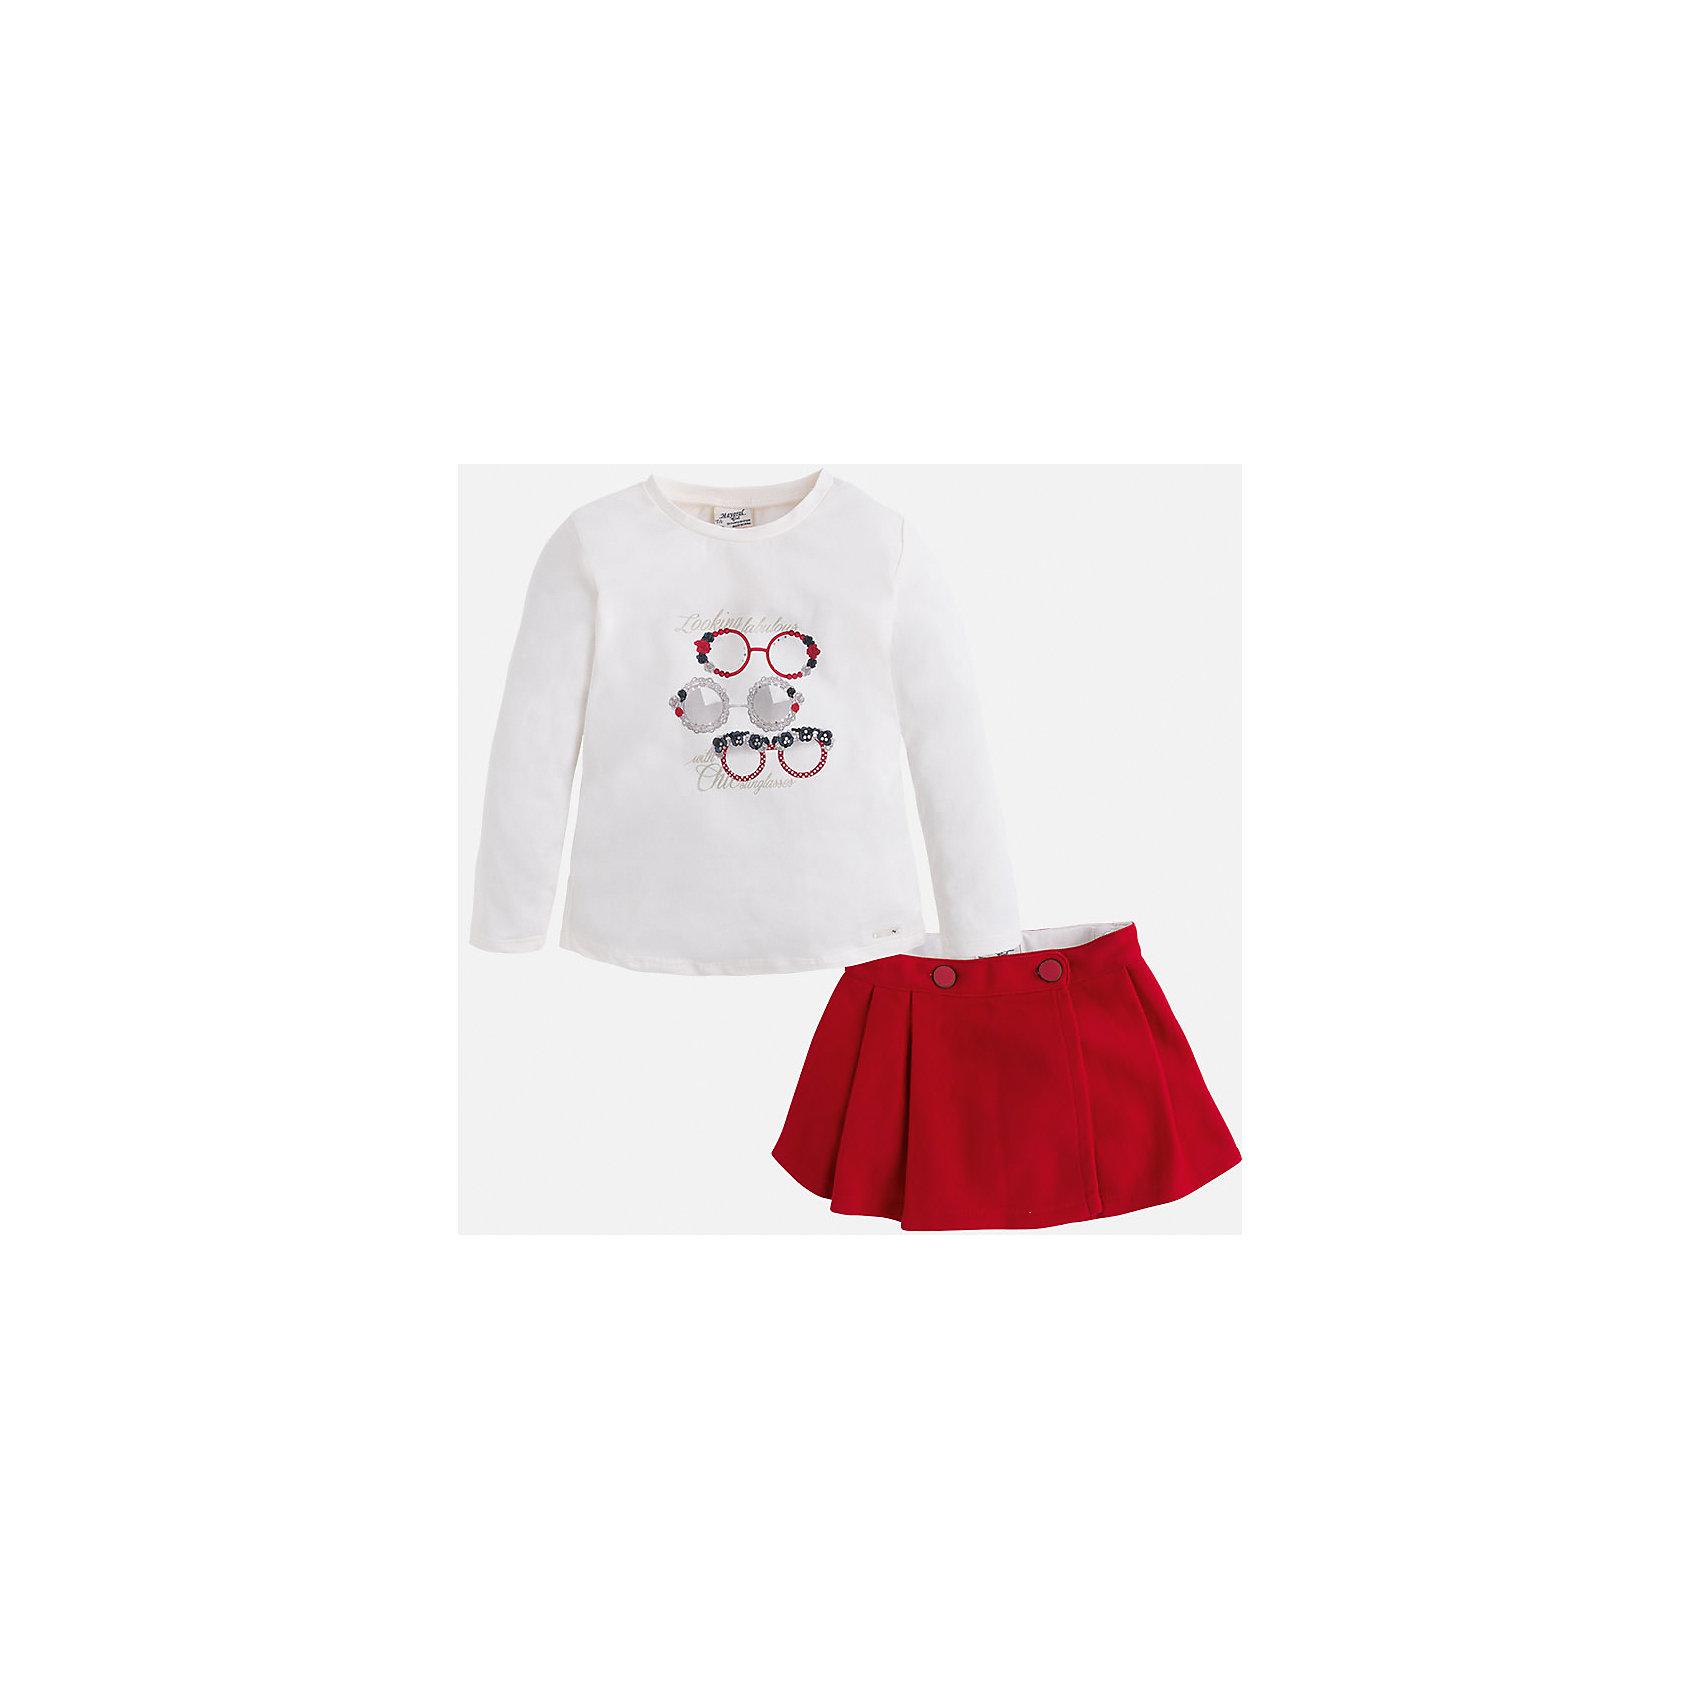 Комплект:футболка и юбка для девочки MayoralКомплекты<br>Комплект из топа и юбки от известного испанского бренда Mayoral(Майорал). Юбка с двумя застежками-пуговицами, топ легкого белого цвета с забавным принтом спереди. Изделия выполнены из качественных дышащих материалов. Прекрасный вариант для повседневной носки!<br>Дополнительная информация:<br>-длинные рукава<br>-застежки-пуговицы на юбке<br>-топ украшен оригинальным принтом<br>-цвет: красный/белый<br>-состав. топ: 95% хлопок, 5% эластан. юбка: 100% полиэстер; подкладка: 65% полиэстер, 35% хлопок<br>Комплект из топа и юбки Mayoral(Майорал) вы можете приобрести в нашем интернет-магазине.<br><br>Ширина мм: 207<br>Глубина мм: 10<br>Высота мм: 189<br>Вес г: 183<br>Цвет: красный<br>Возраст от месяцев: 36<br>Возраст до месяцев: 48<br>Пол: Женский<br>Возраст: Детский<br>Размер: 104,98,122,134,116,110,128<br>SKU: 4844648